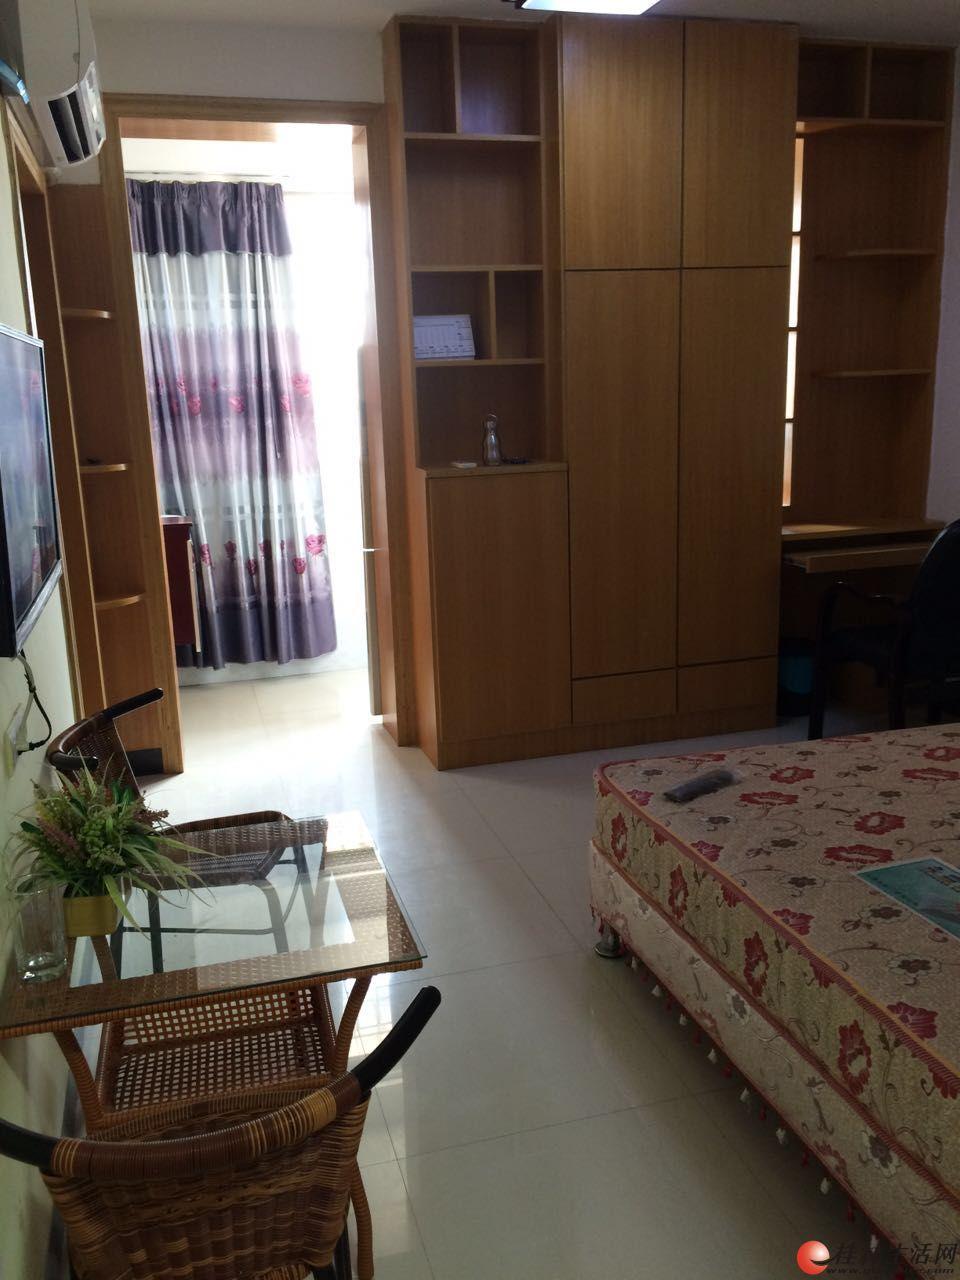 (非中介)【单身公寓】帝苑酒店旁、漓江边、全新豪装、品牌家电全新、未入住过出租